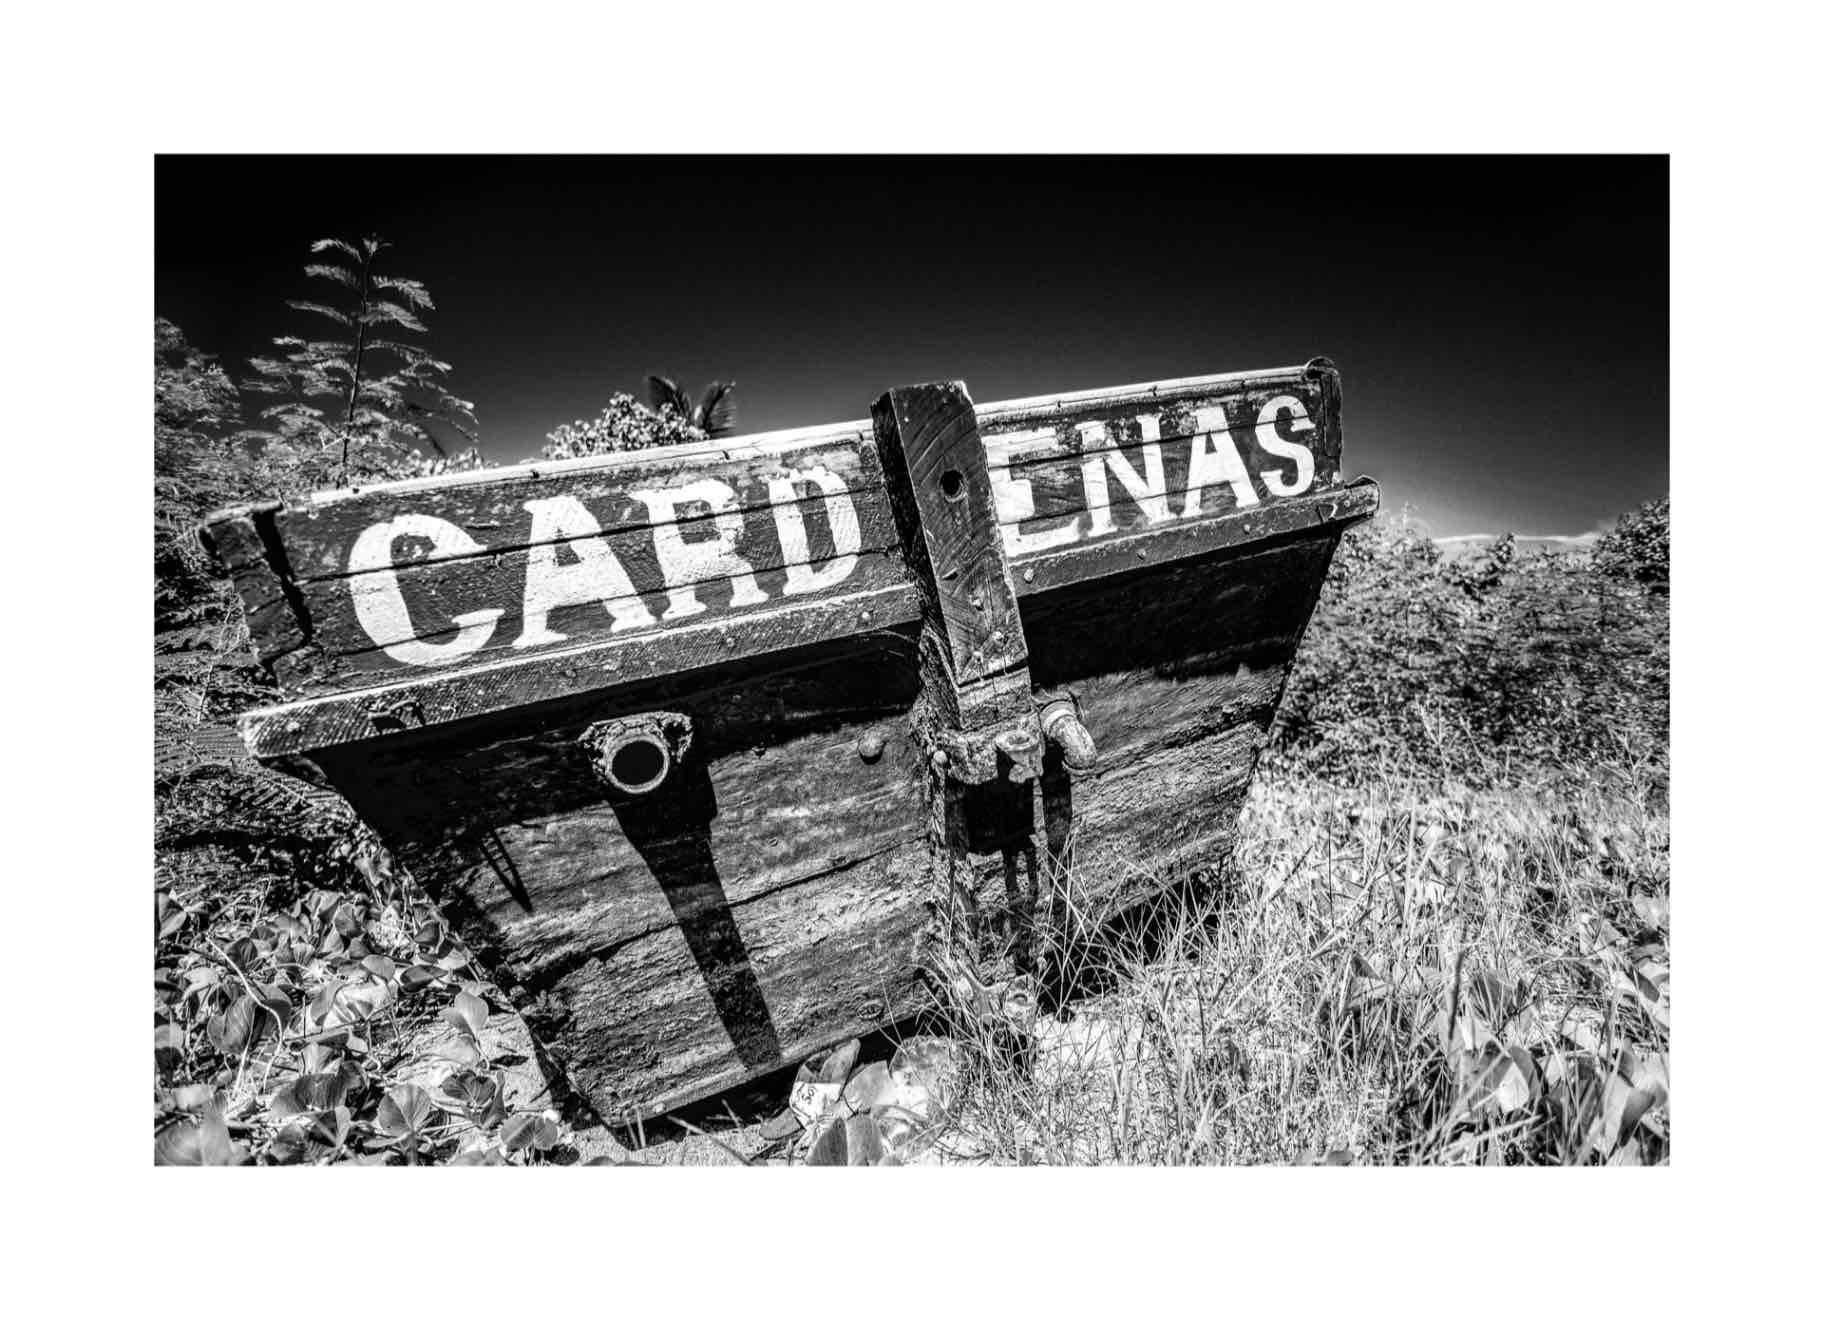 Obra: Cárdenas